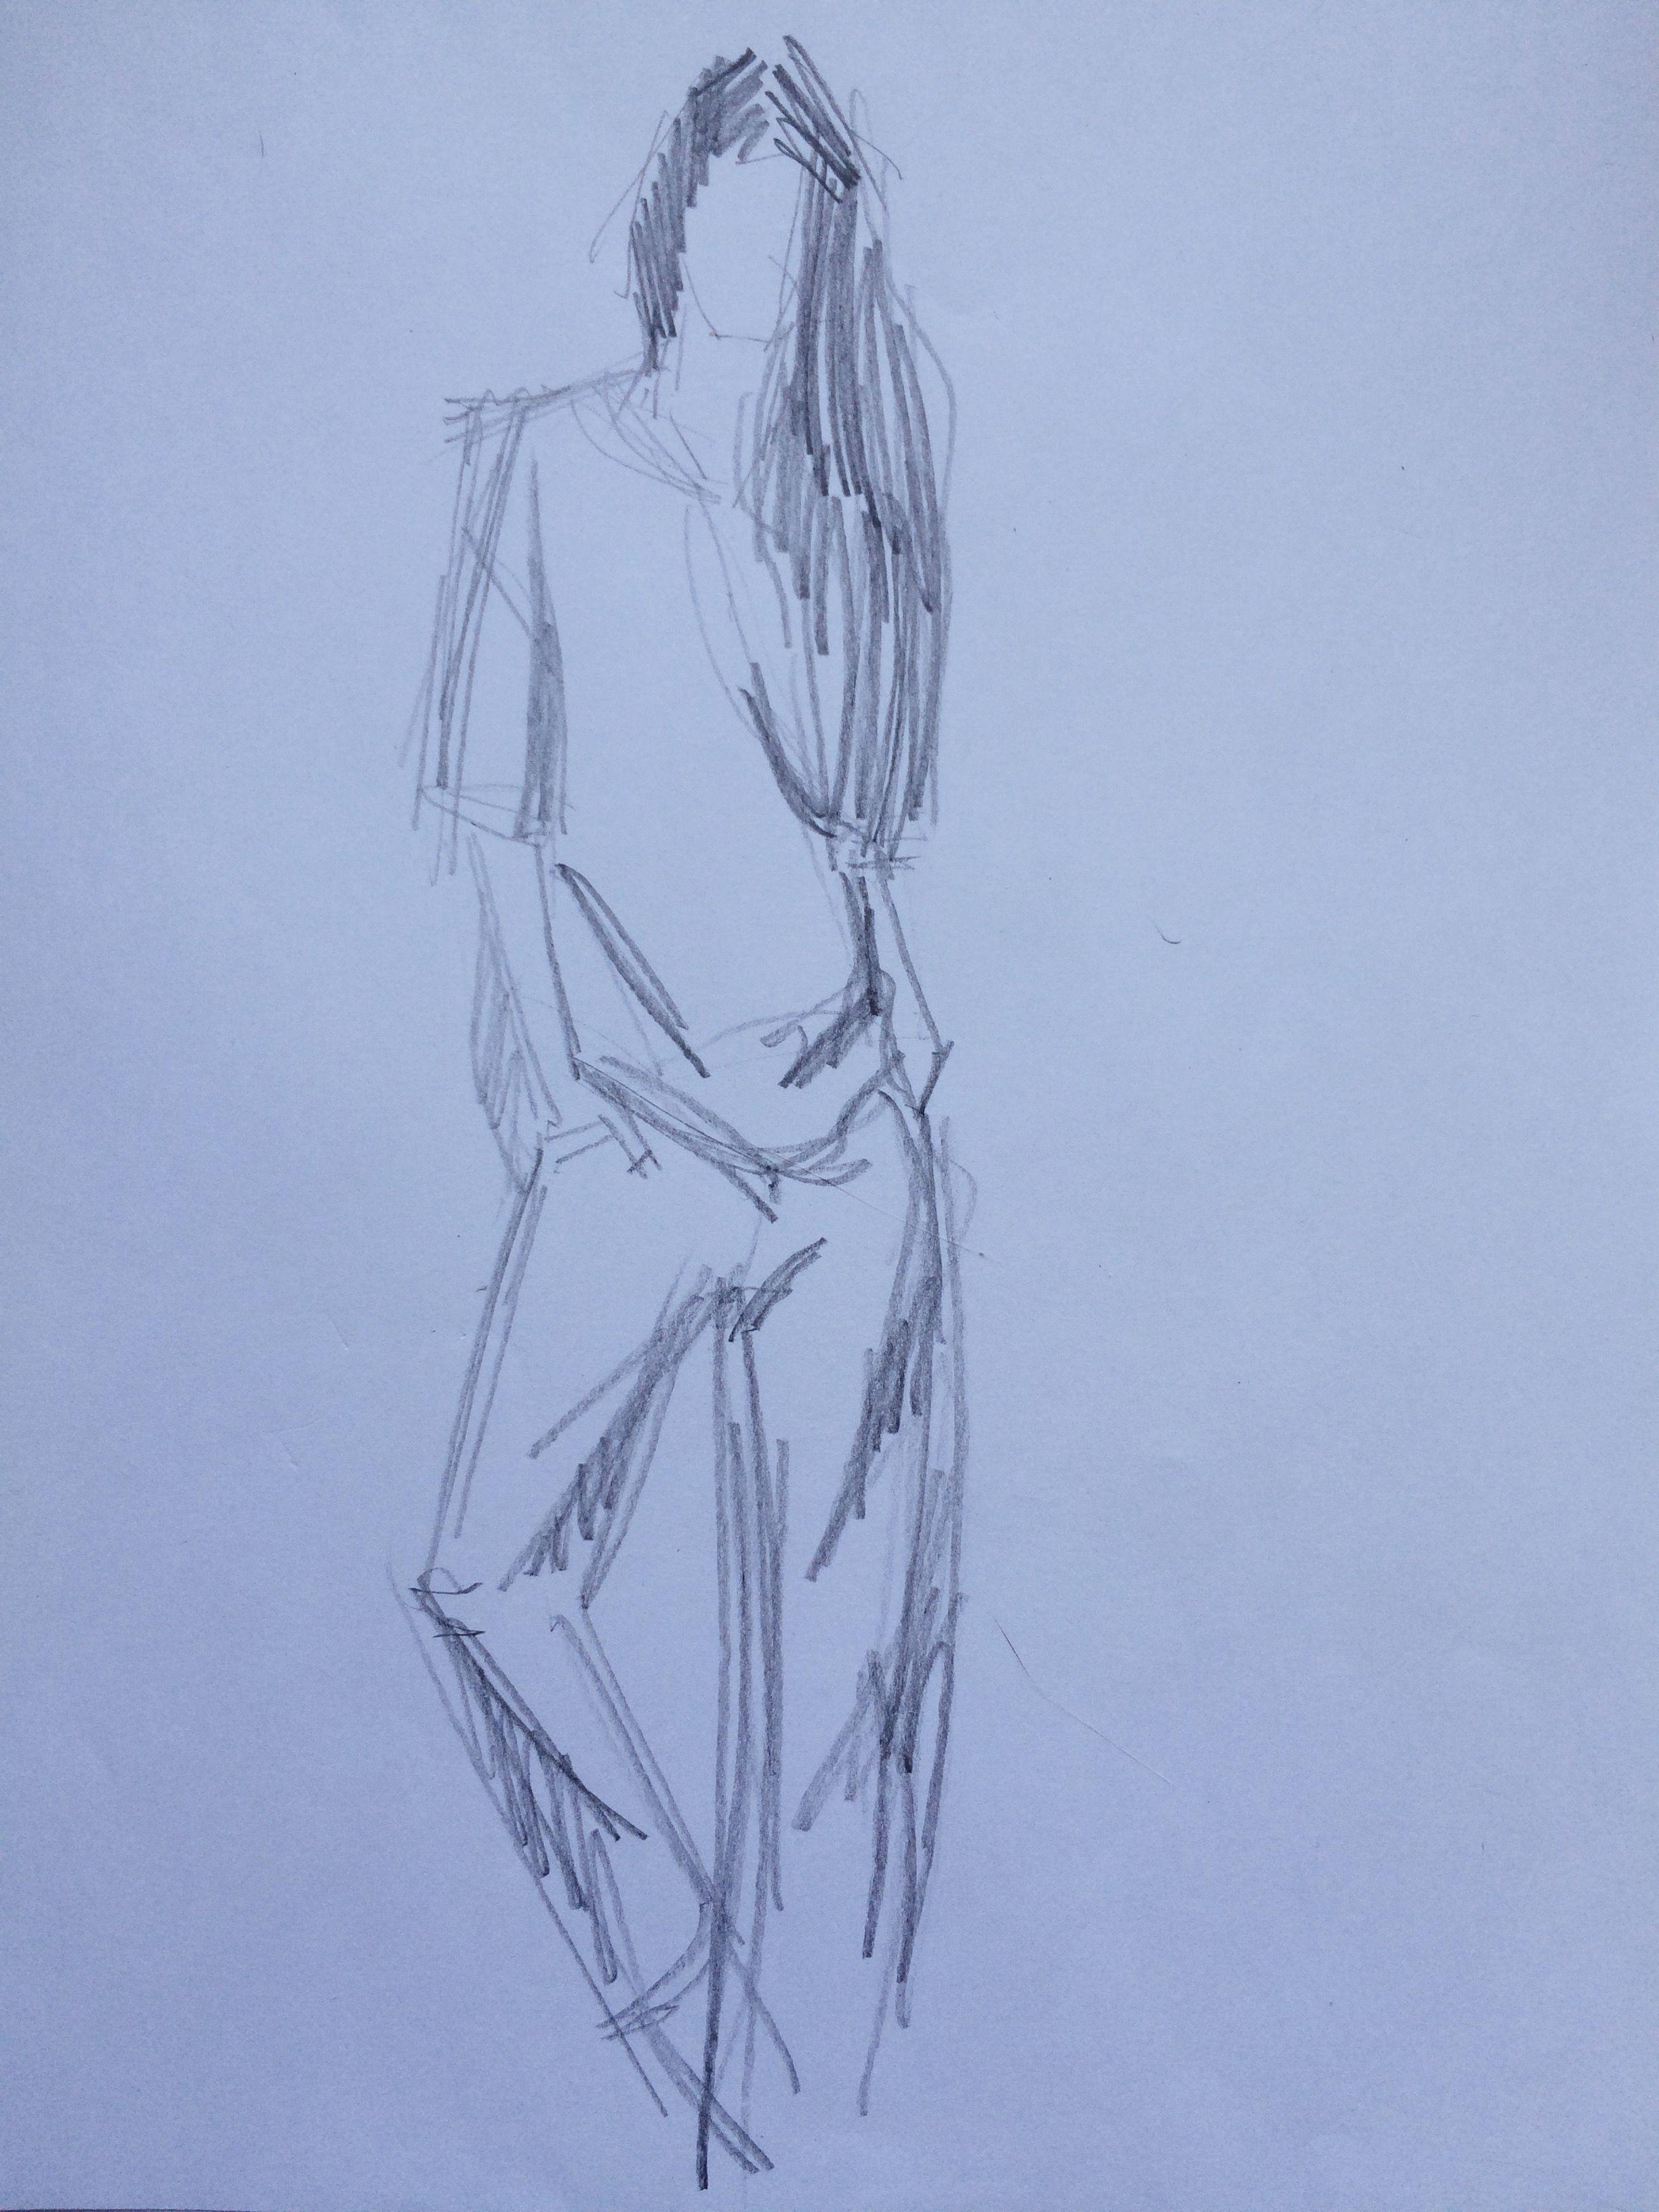 070c5922f93 Наброски Людей Карандашом Человека Быстрые Зарисовки Скетчи Академический  рисунок Одежды Фигура Графика С натуры Портрет Девушек